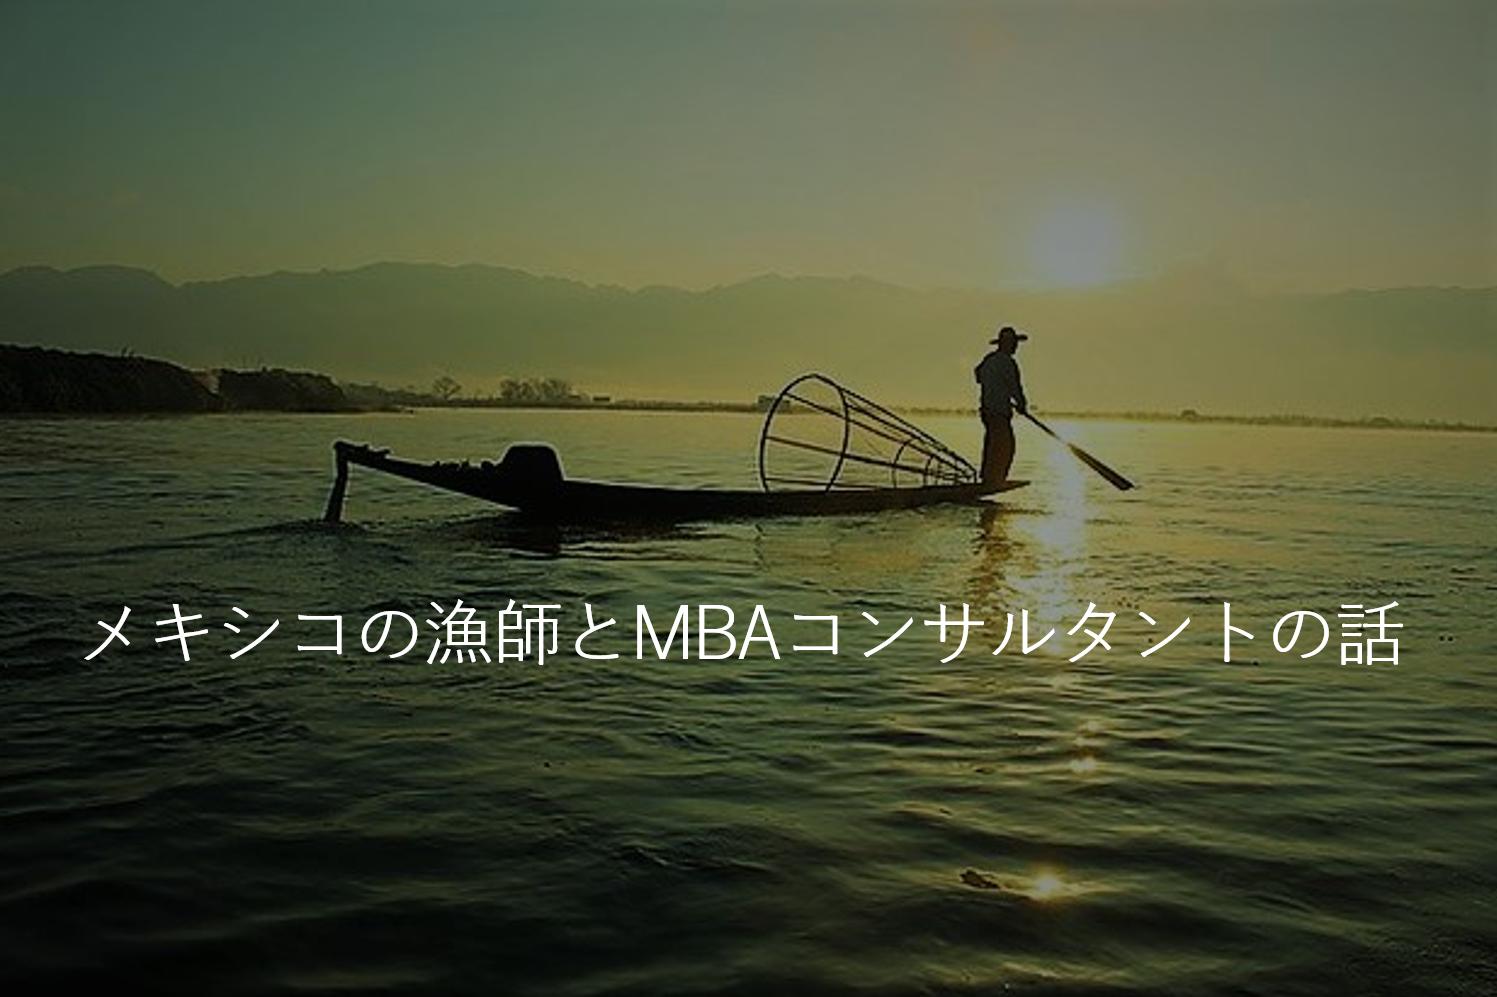 『メキシコの漁師とアメリカのMBAコンサルタントの話』に深く考えさせられるとネットで話題に!!